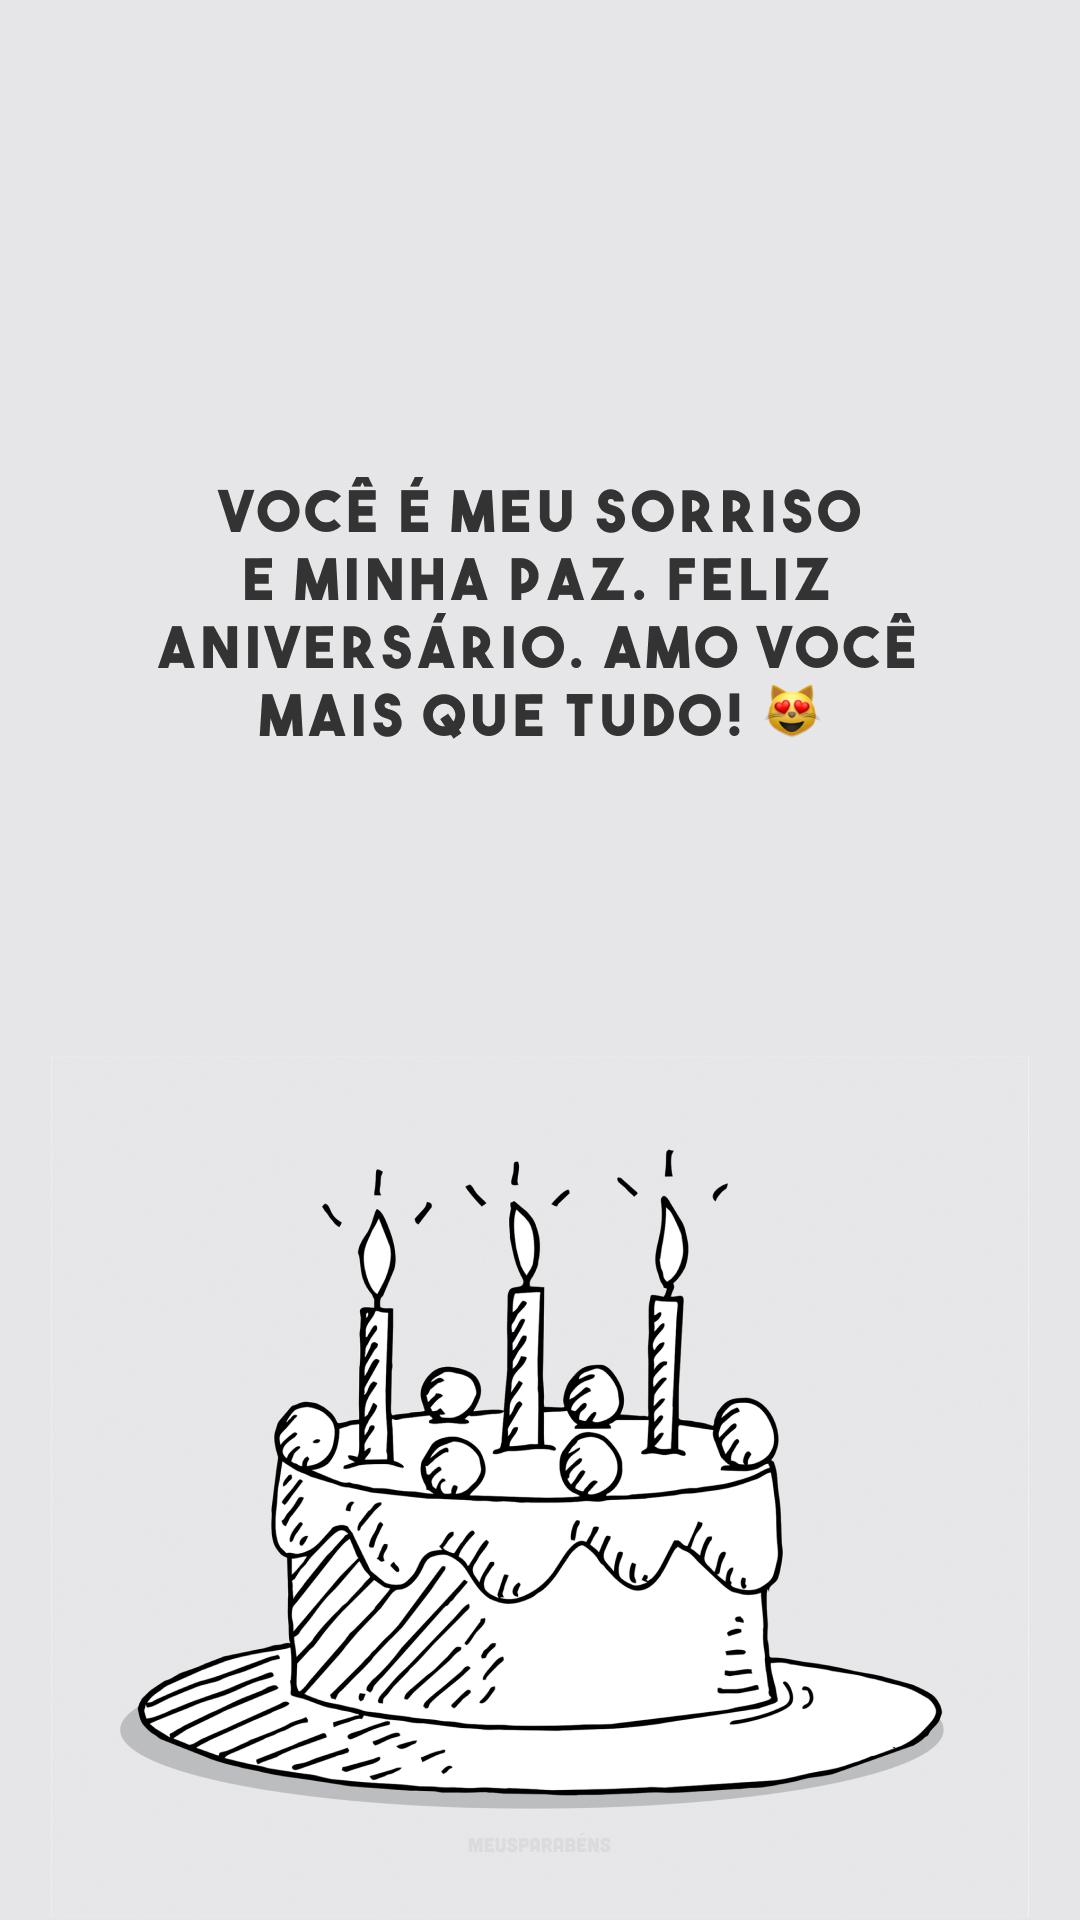 Você é meu sorriso e minha paz. Feliz aniversário. Amo você mais que tudo! 😻